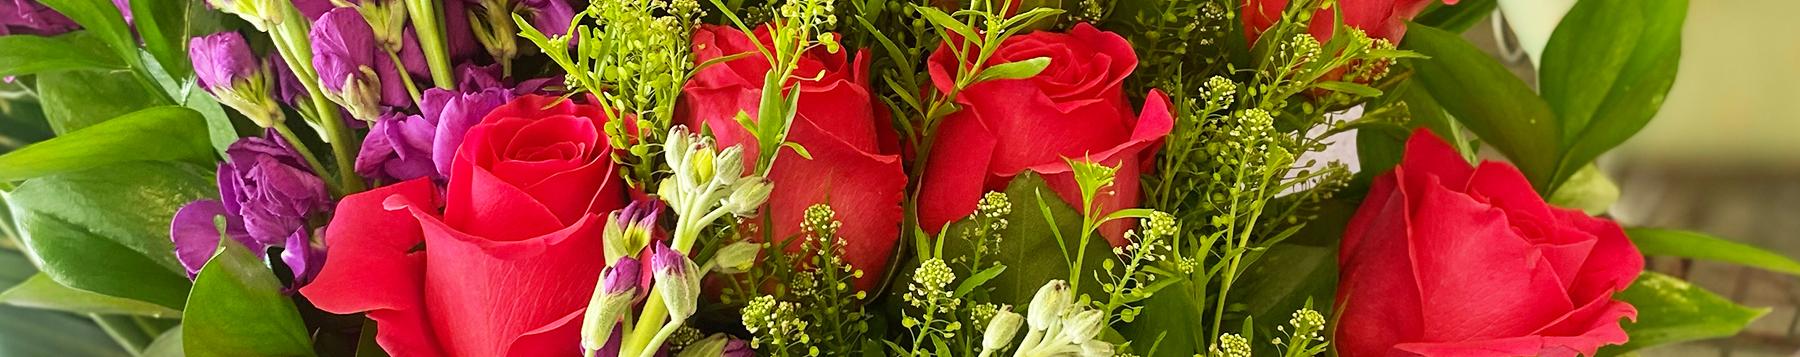 Wrap Bouquets